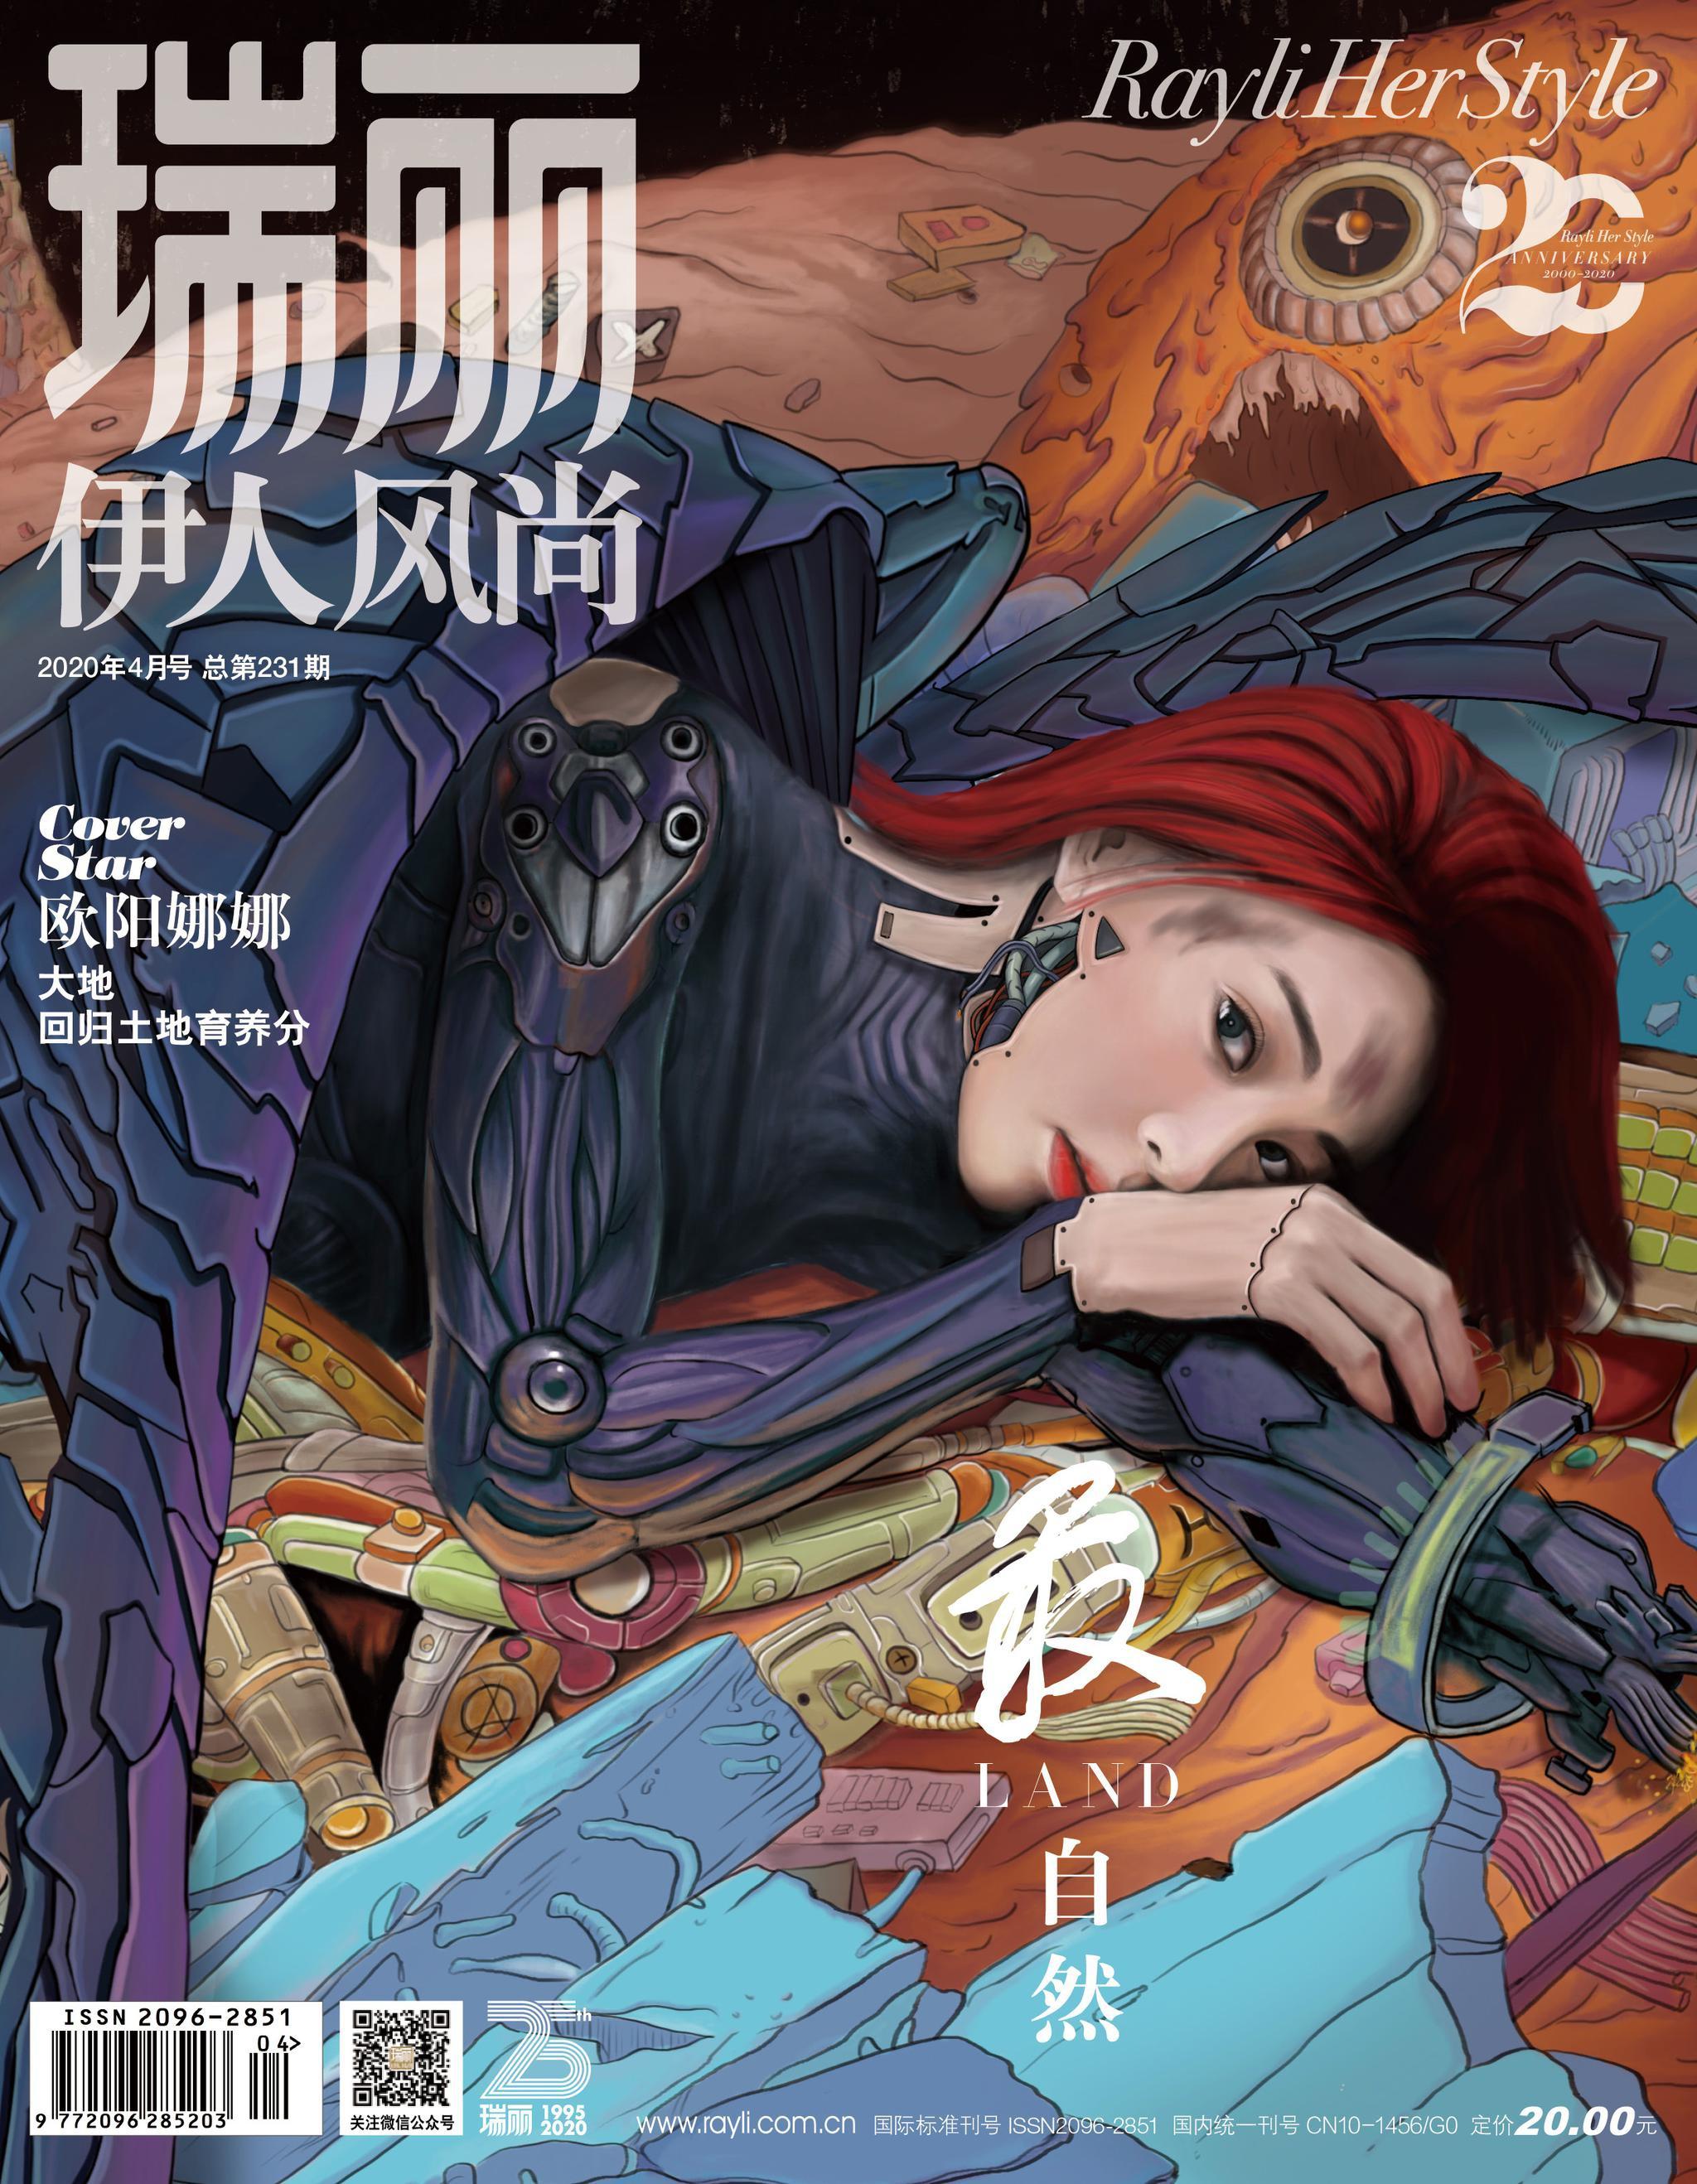 欧阳娜娜登《瑞丽伊人风尚》封面 涂鸦大片变身未来战士